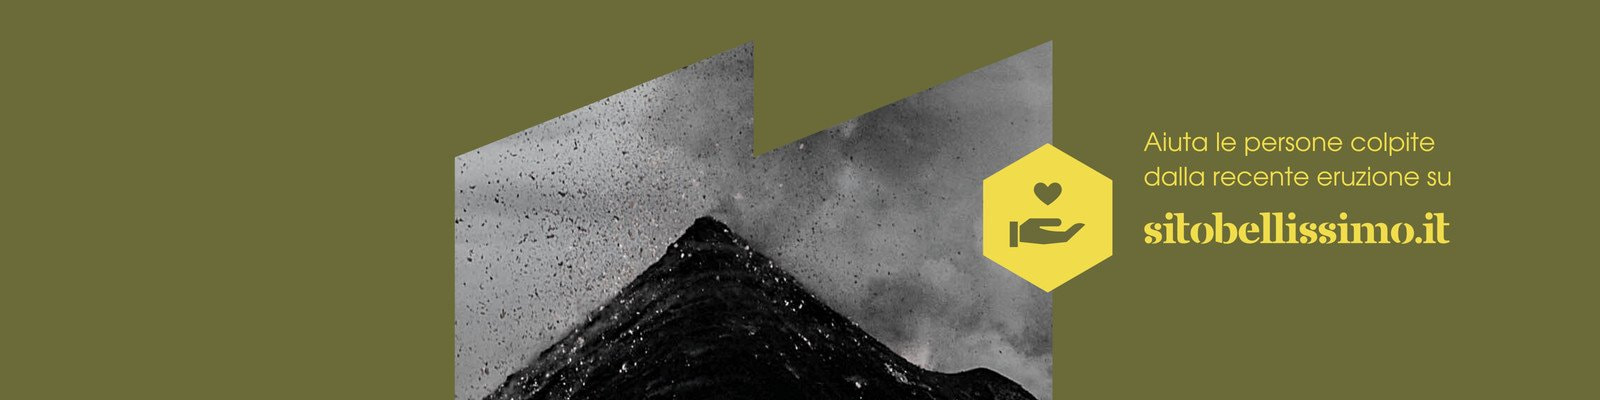 Verde Oliva e Giallo Cornici Dinamiche Vulcano Unità di Crisi Banner LinkedIn